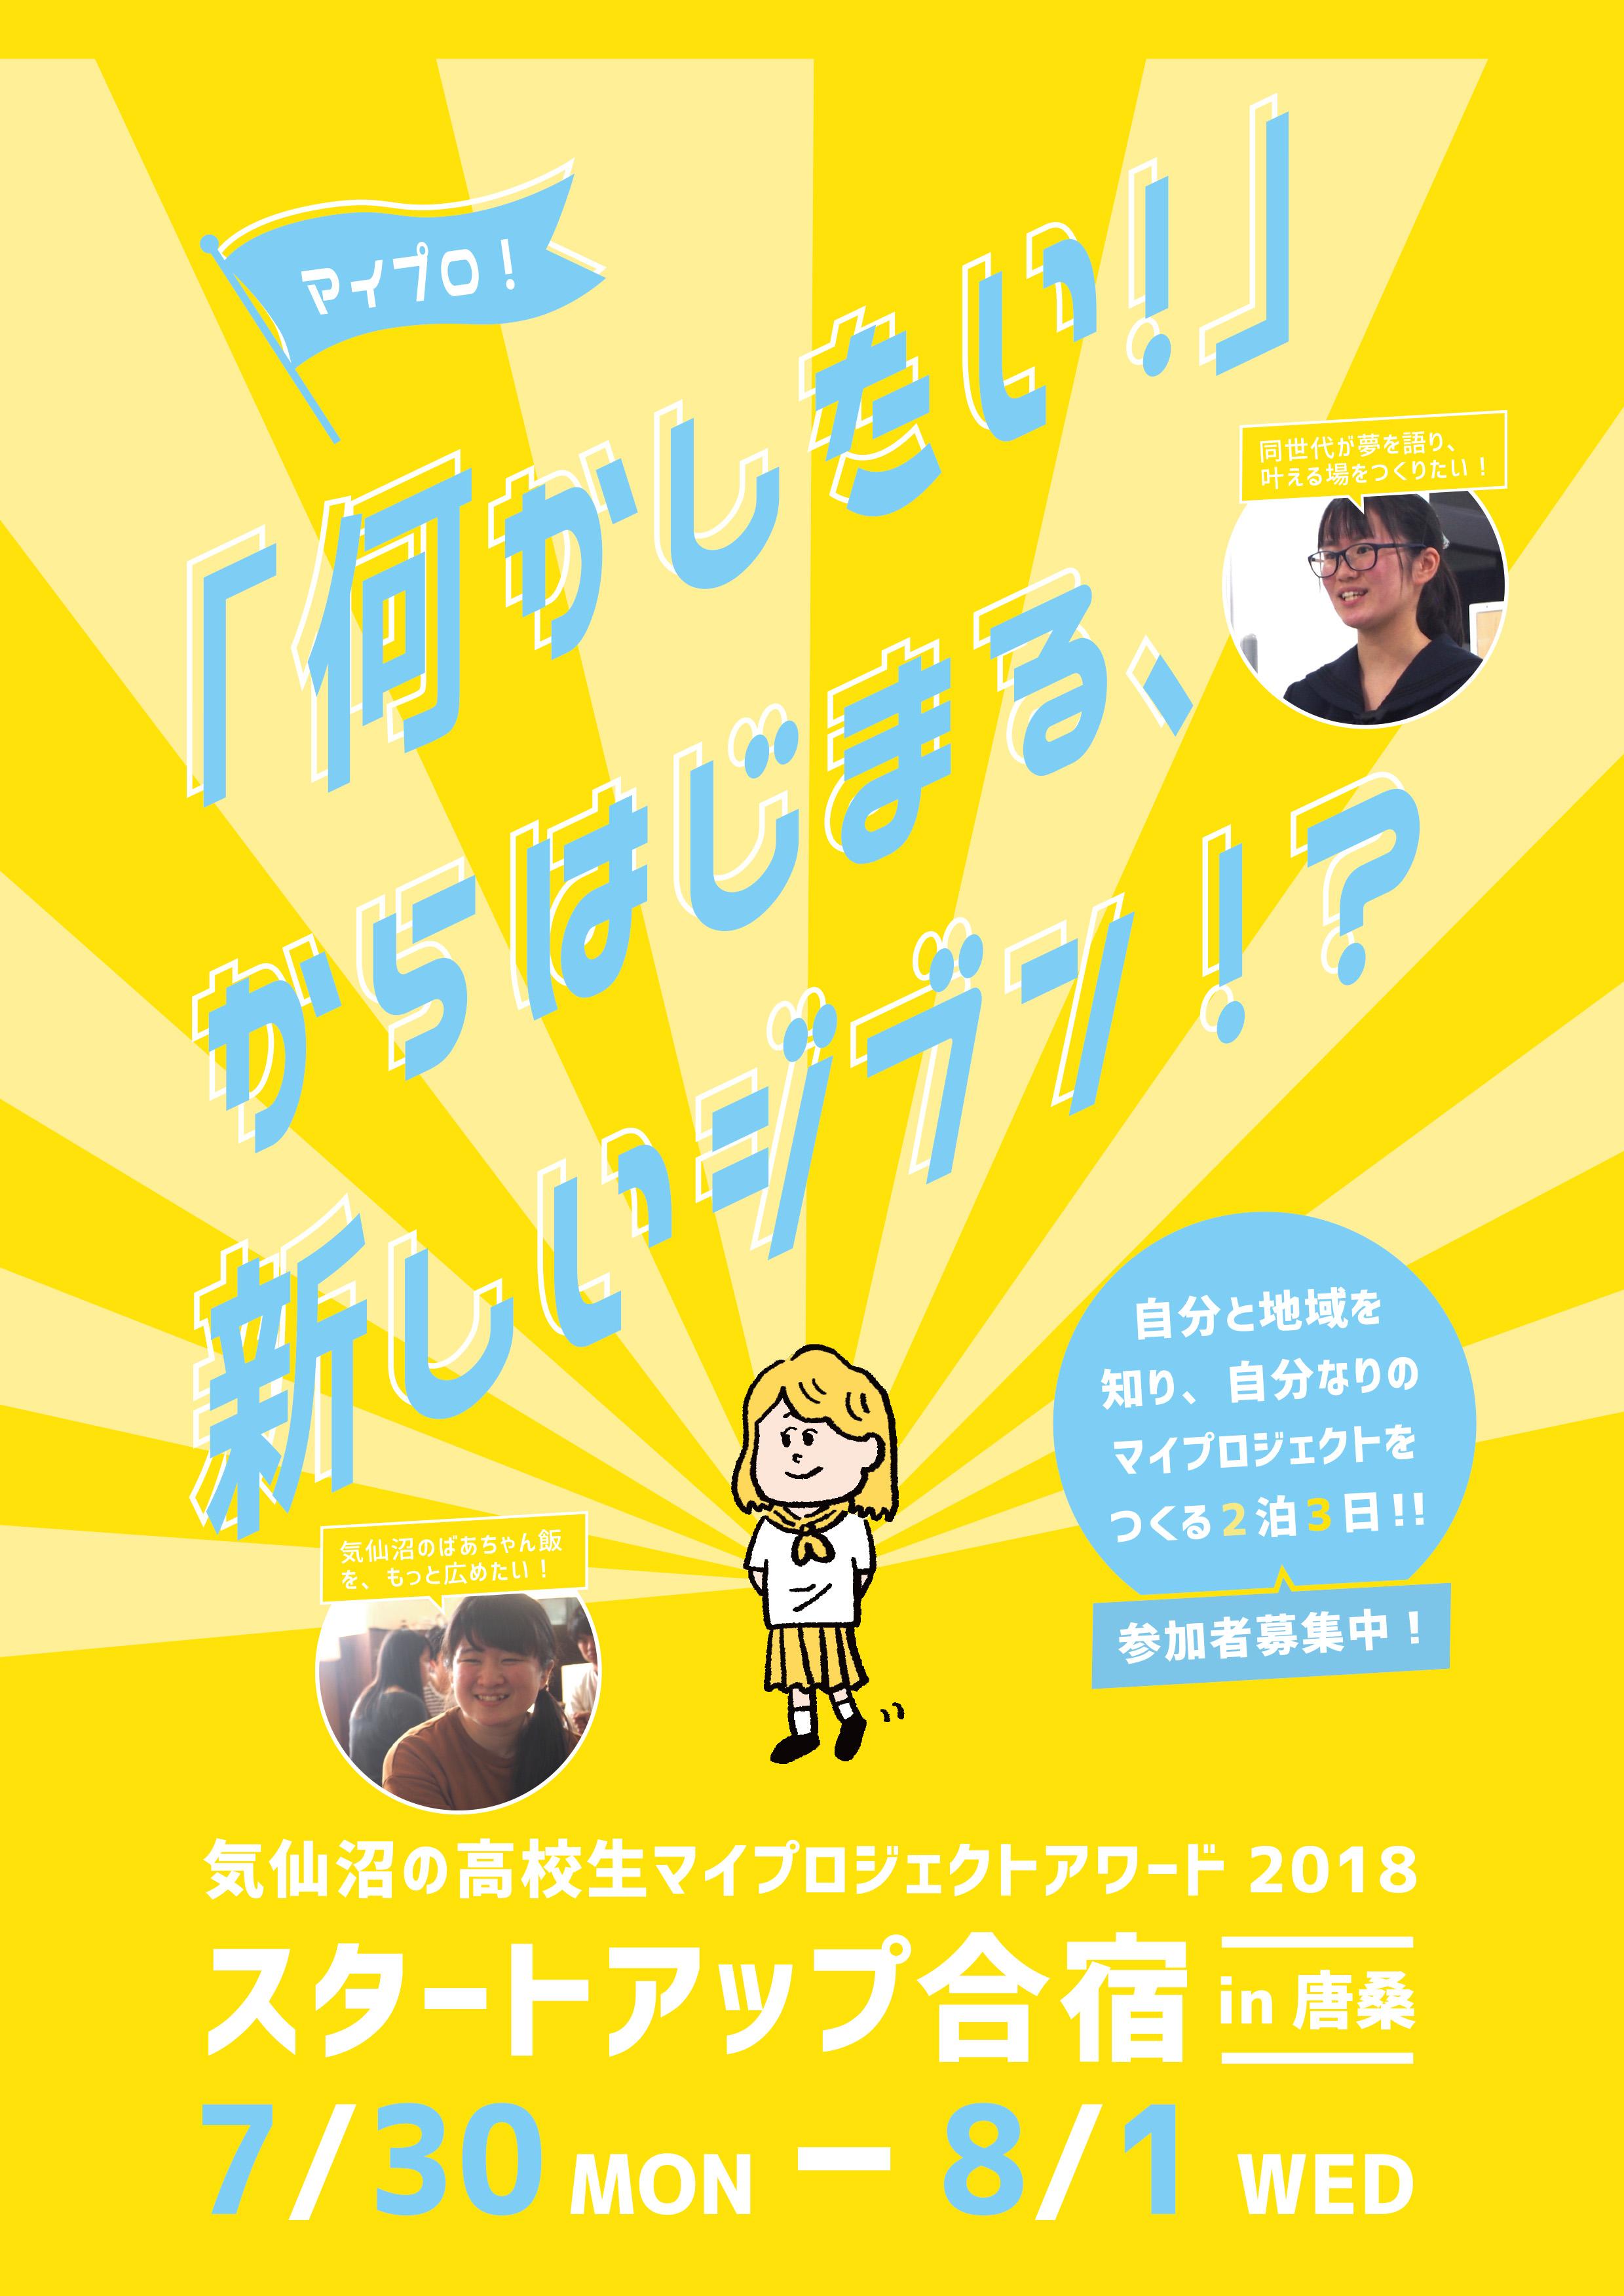 気仙沼の高校生マイプロジェクトアワード2018